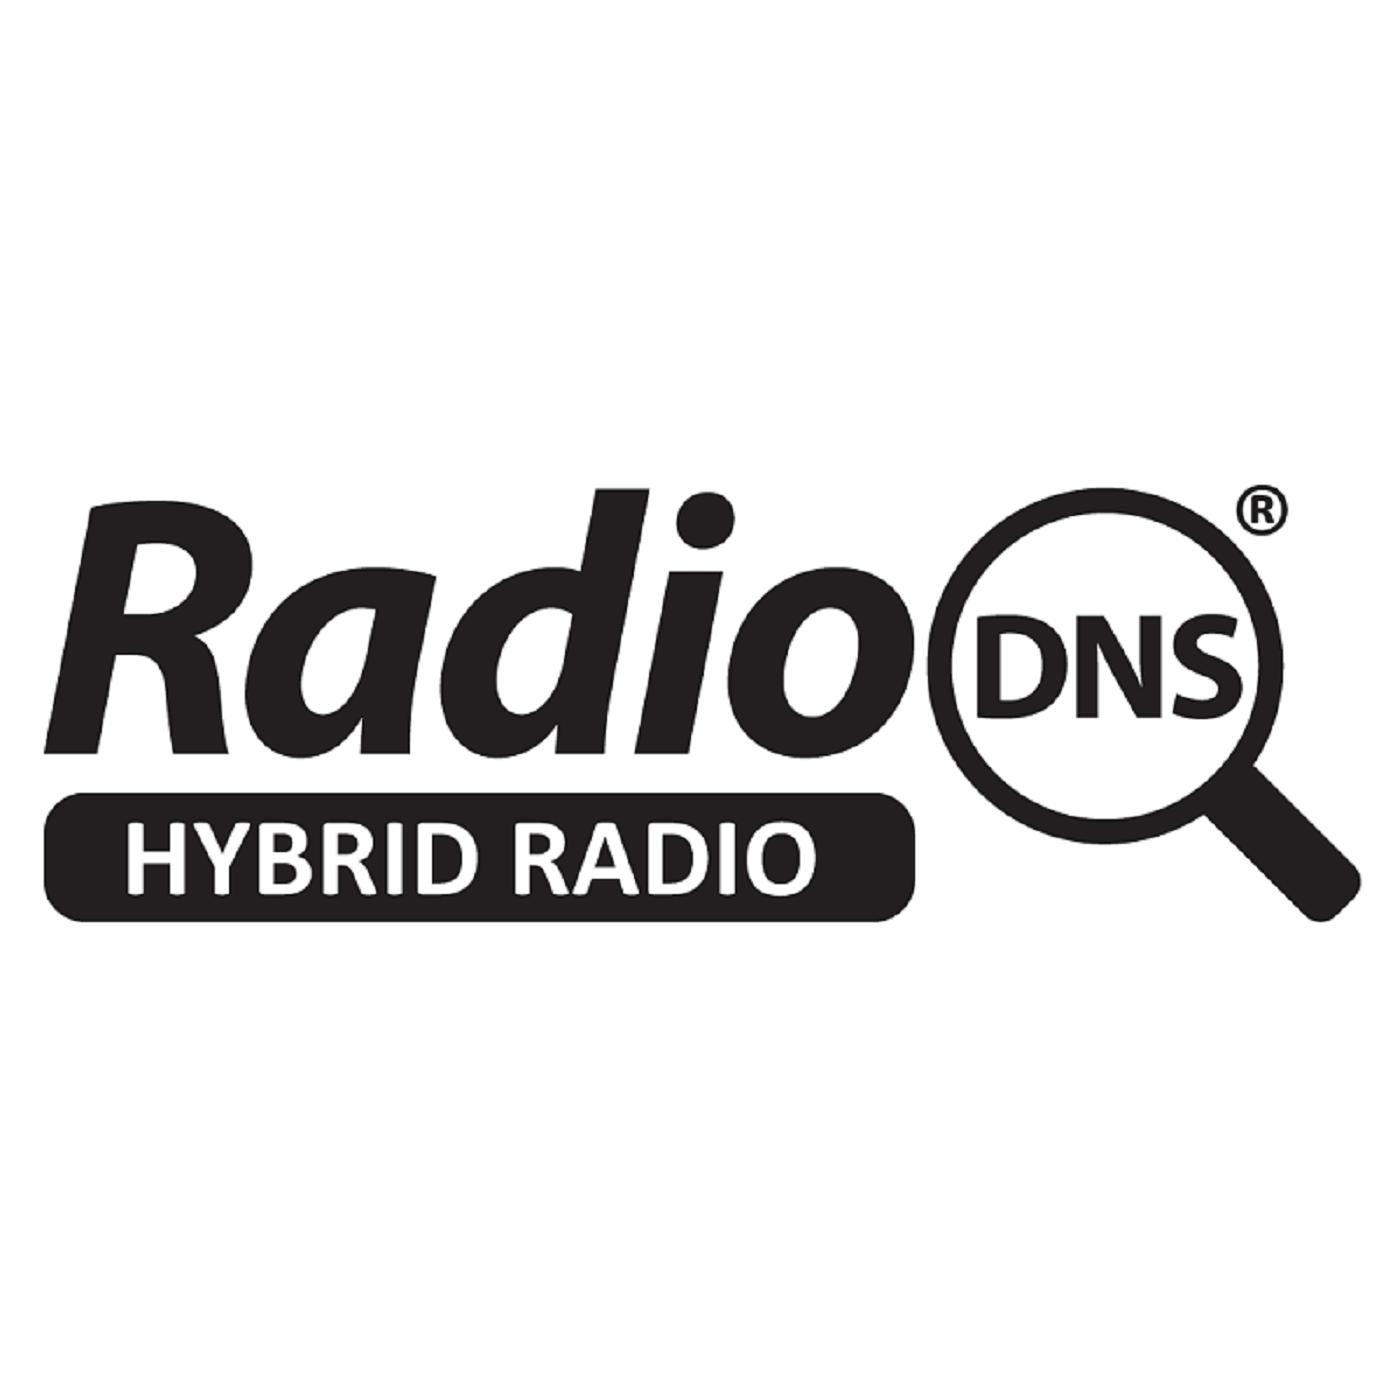 Artwork for podcast The RadioDNS Podcast